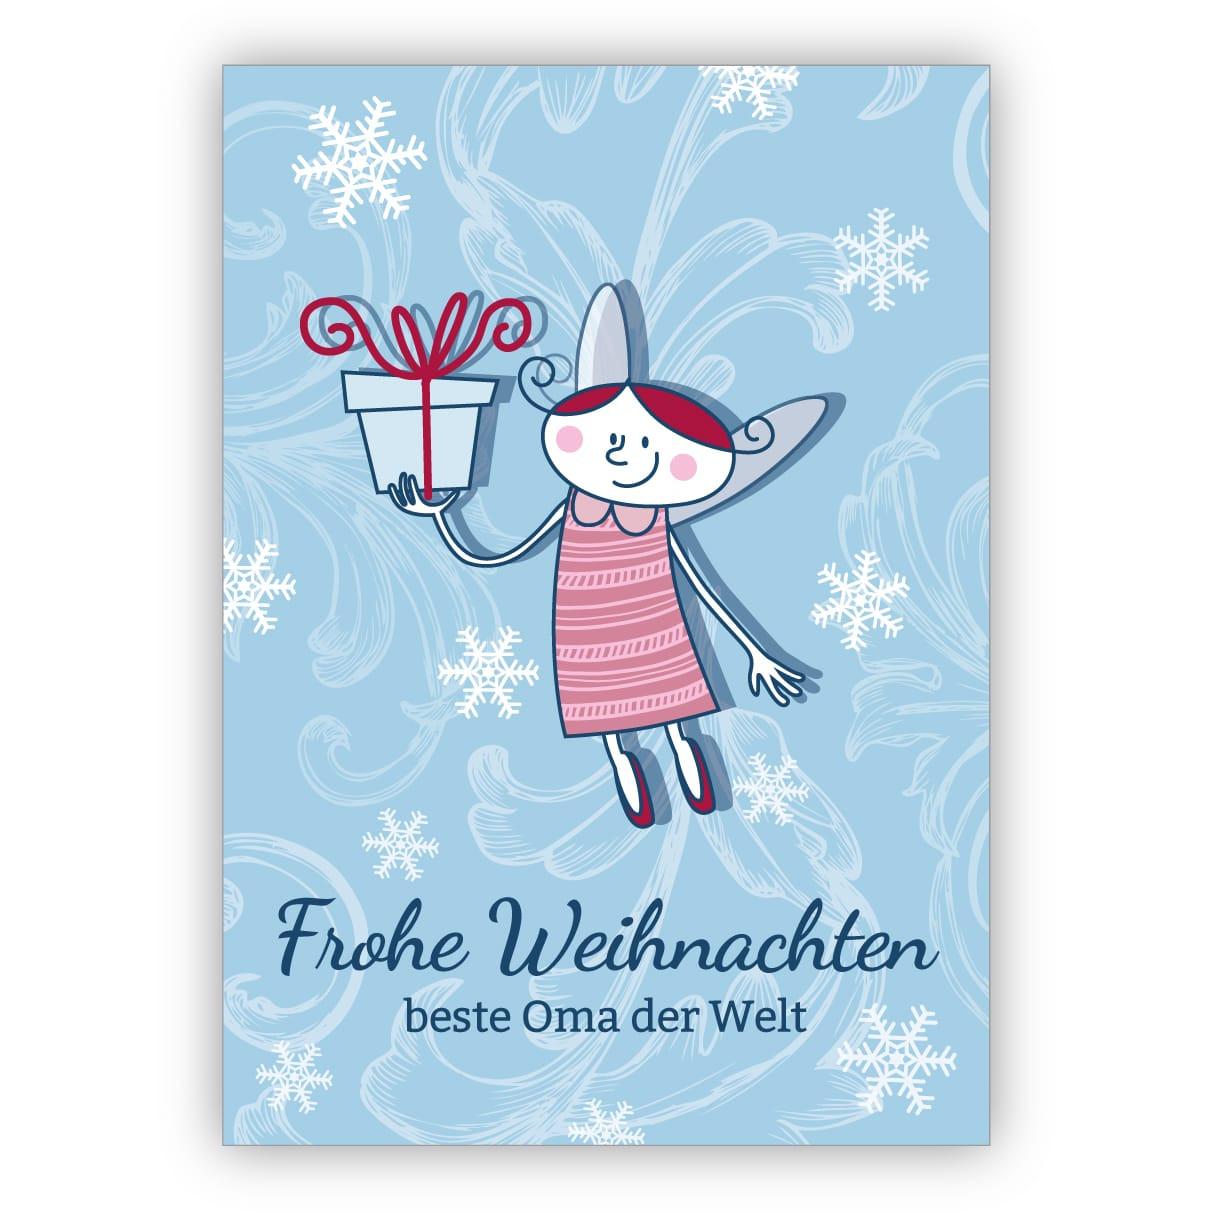 Beste Oma Geschenke  Niedliche Weihnachtskarte mit Geschenke Engel Frohe